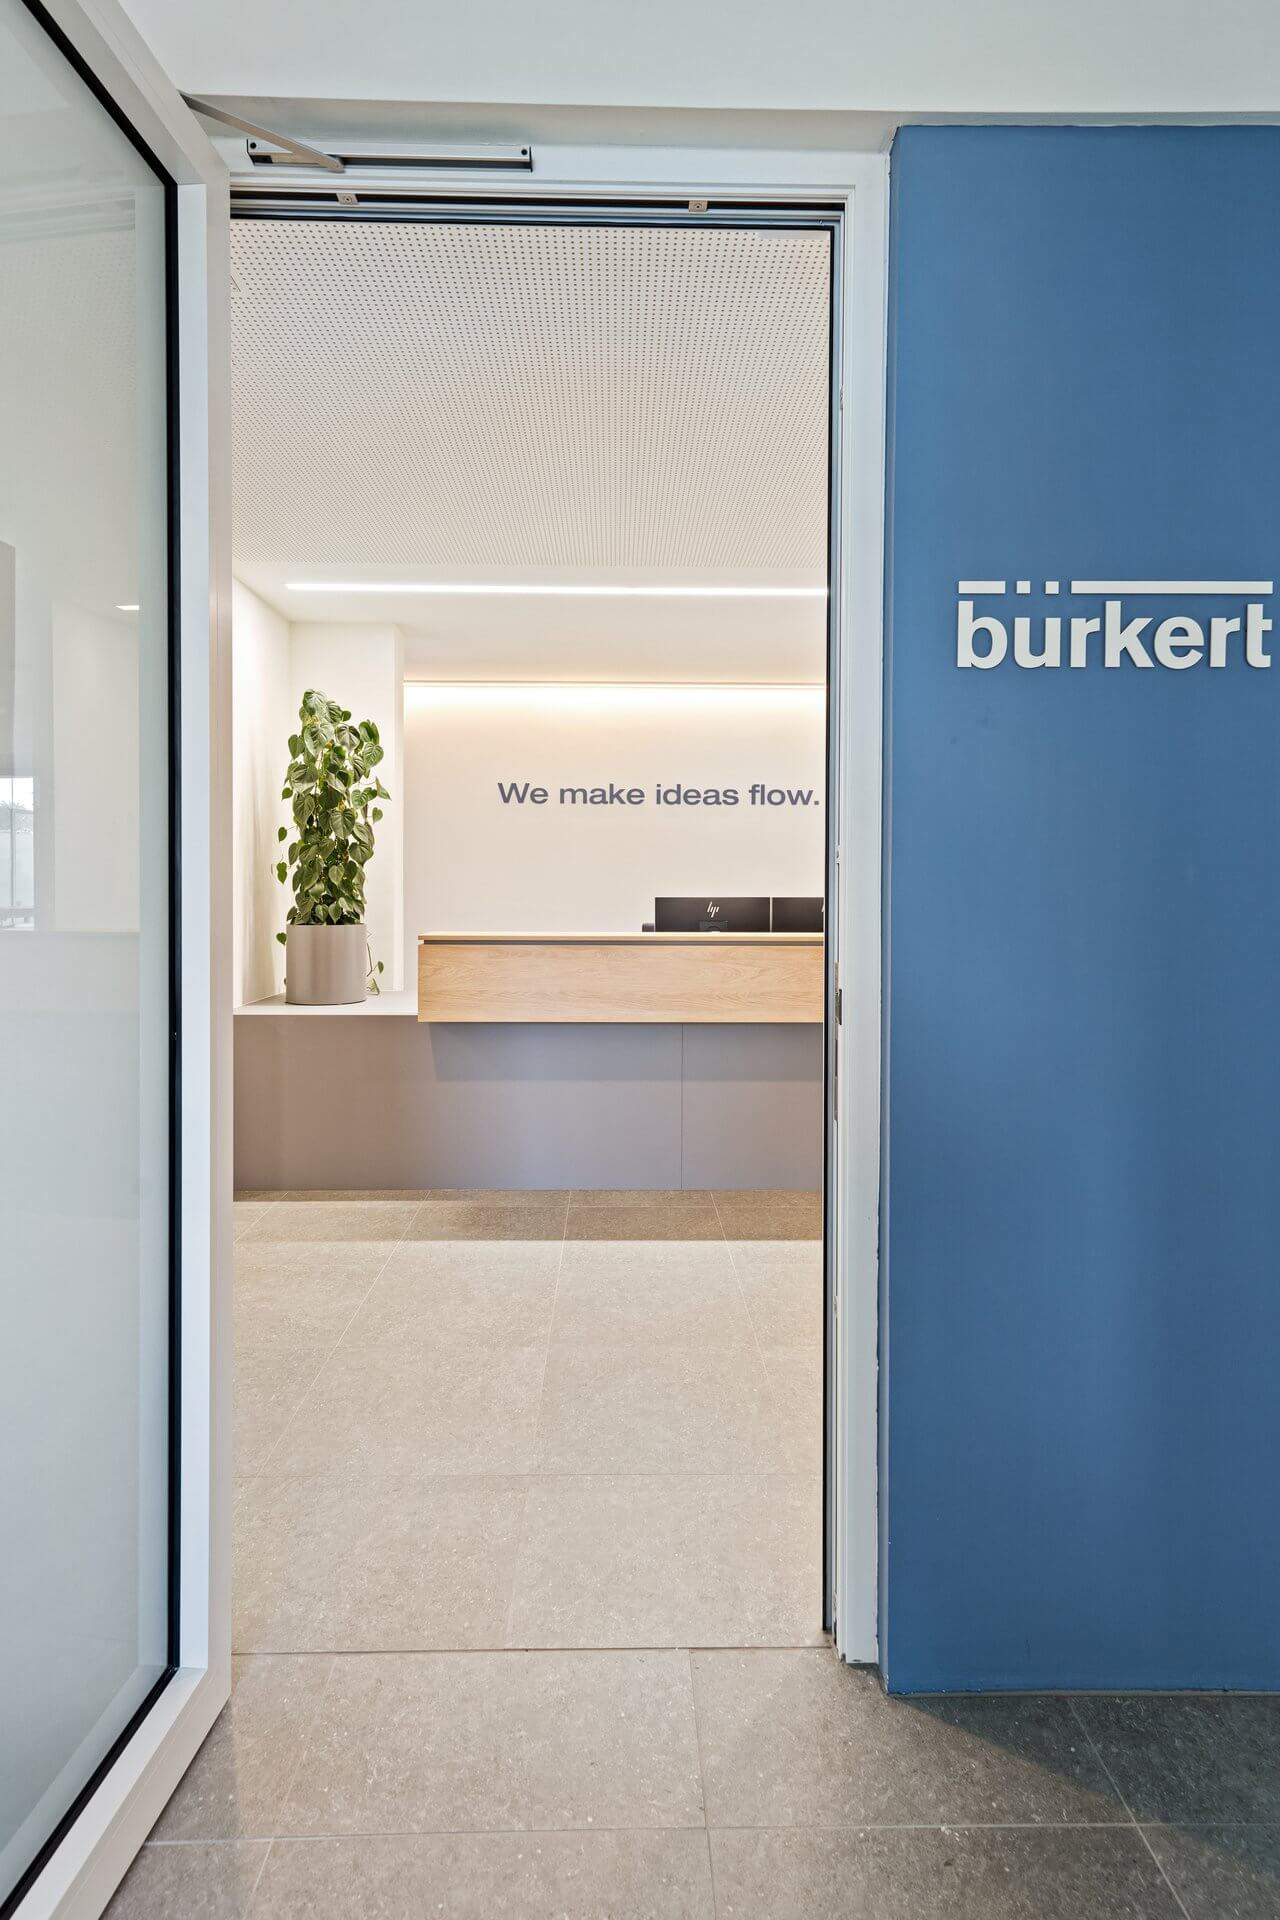 Vstupní prostory Bürkert